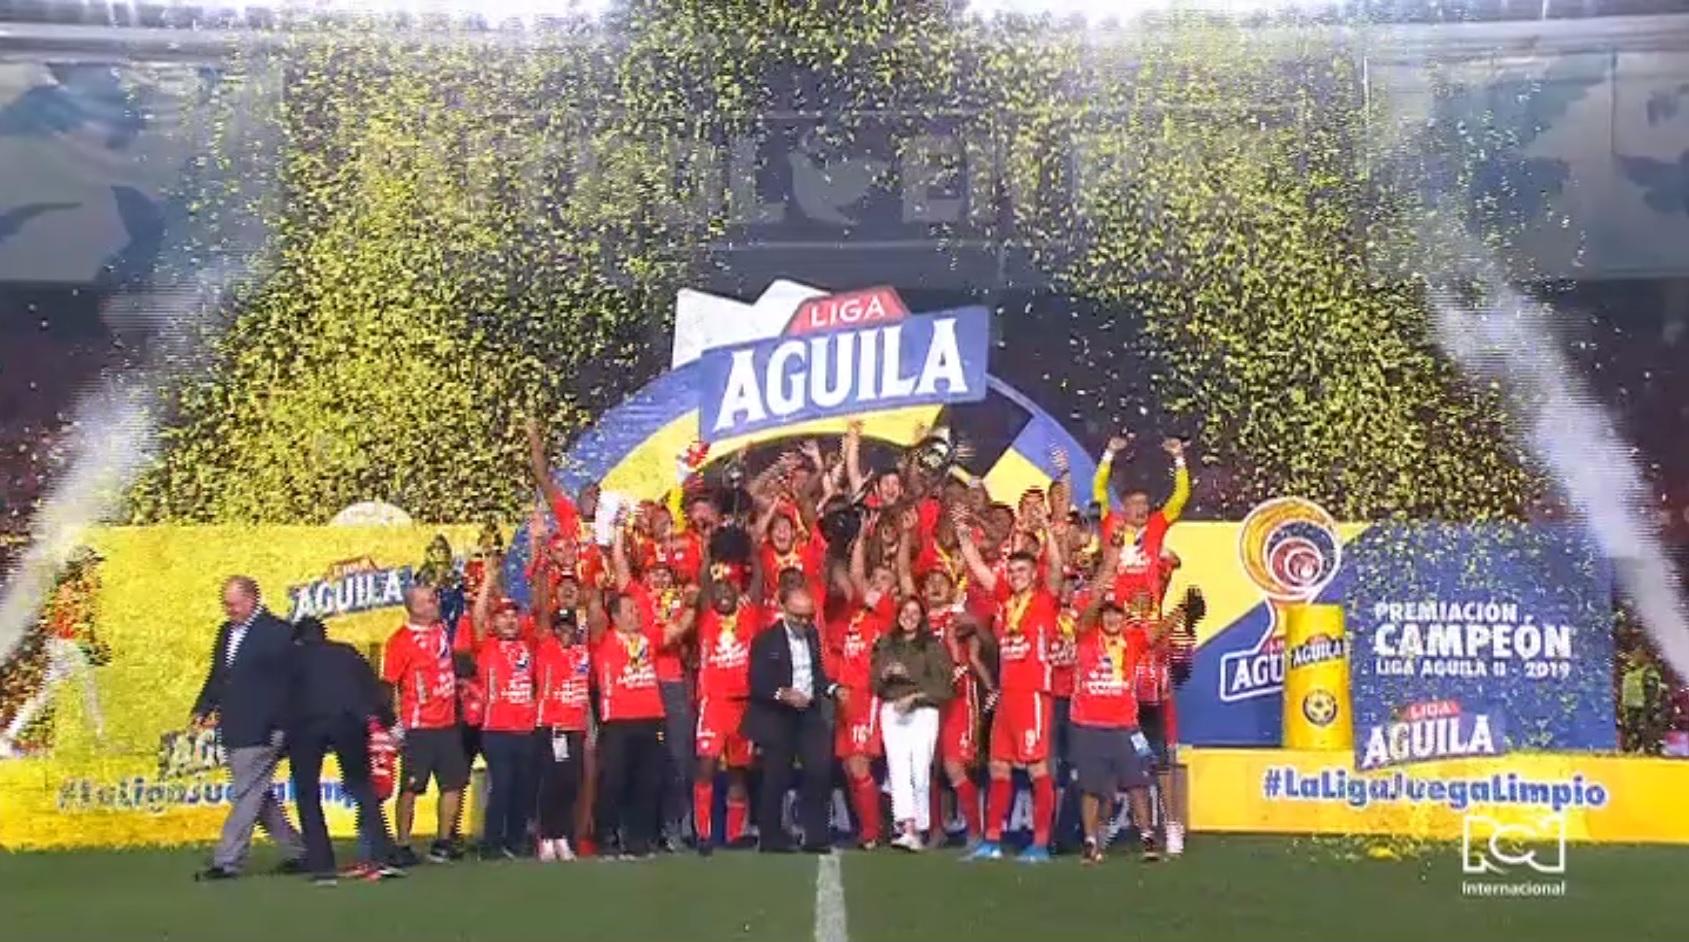 América de Cali se convirtió en el quinto equipo en ser campeón después de ascender